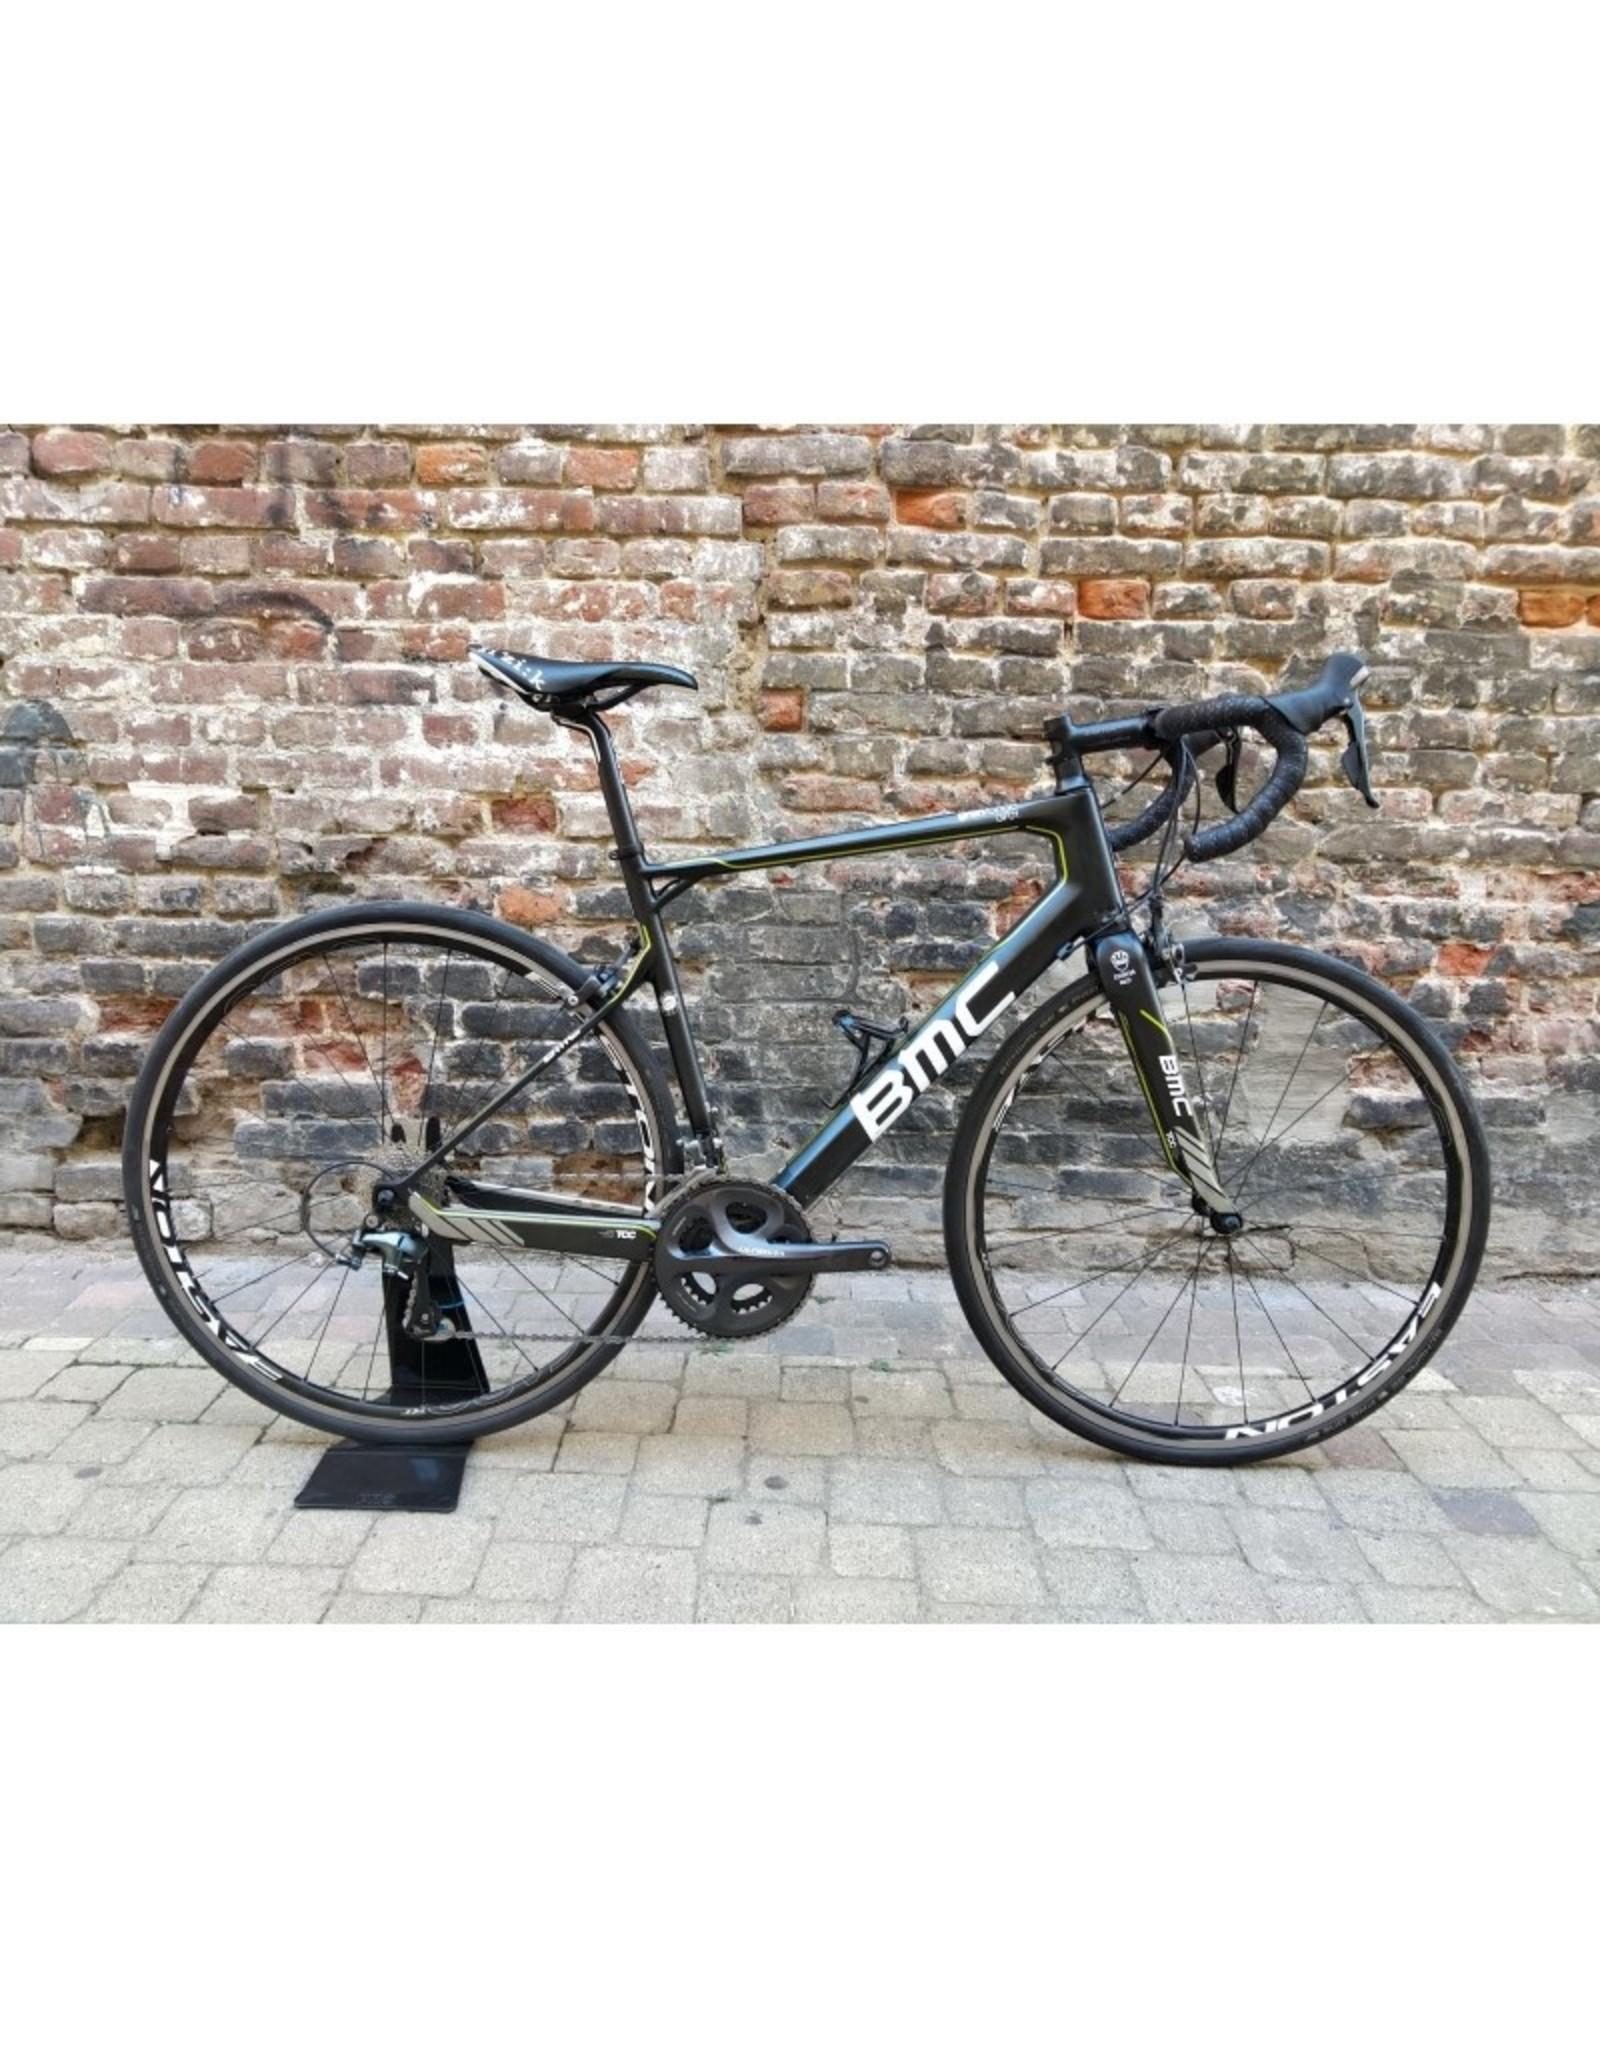 Granfondo GF01 - Size 56 - Demo Bike